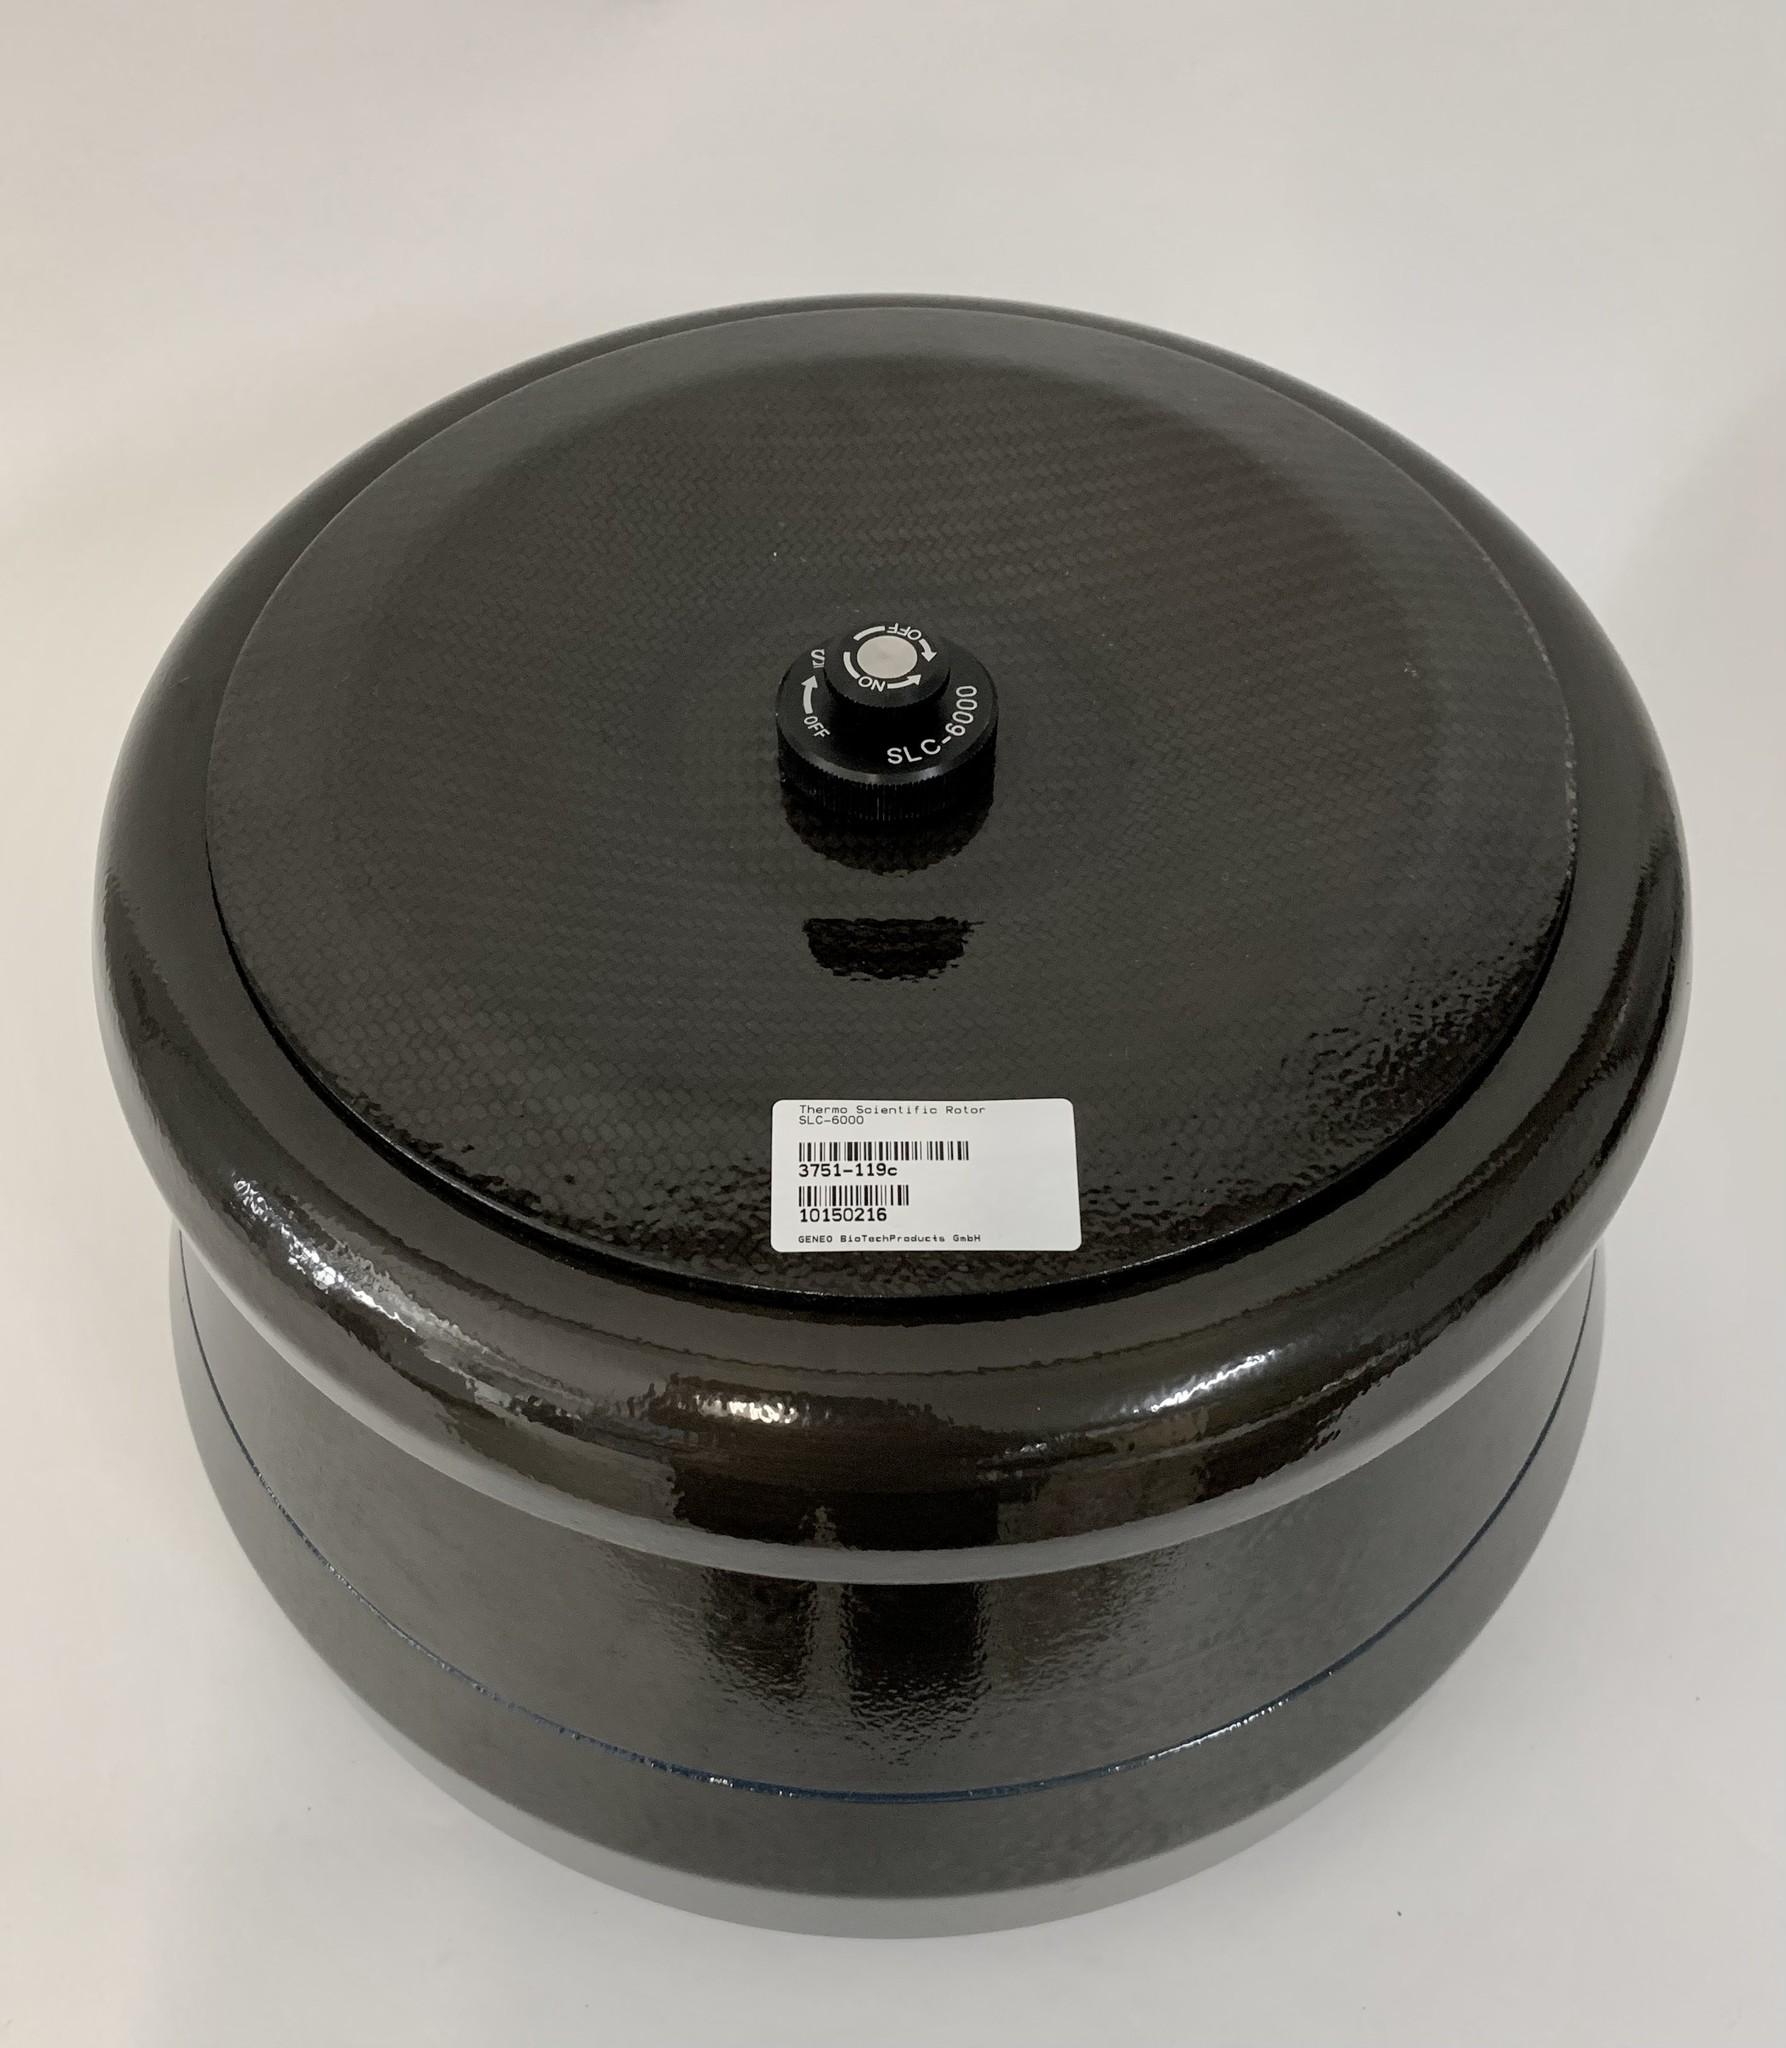 Thermo Scientific Thermo Scientific Sorvall Rotor SLC-6000